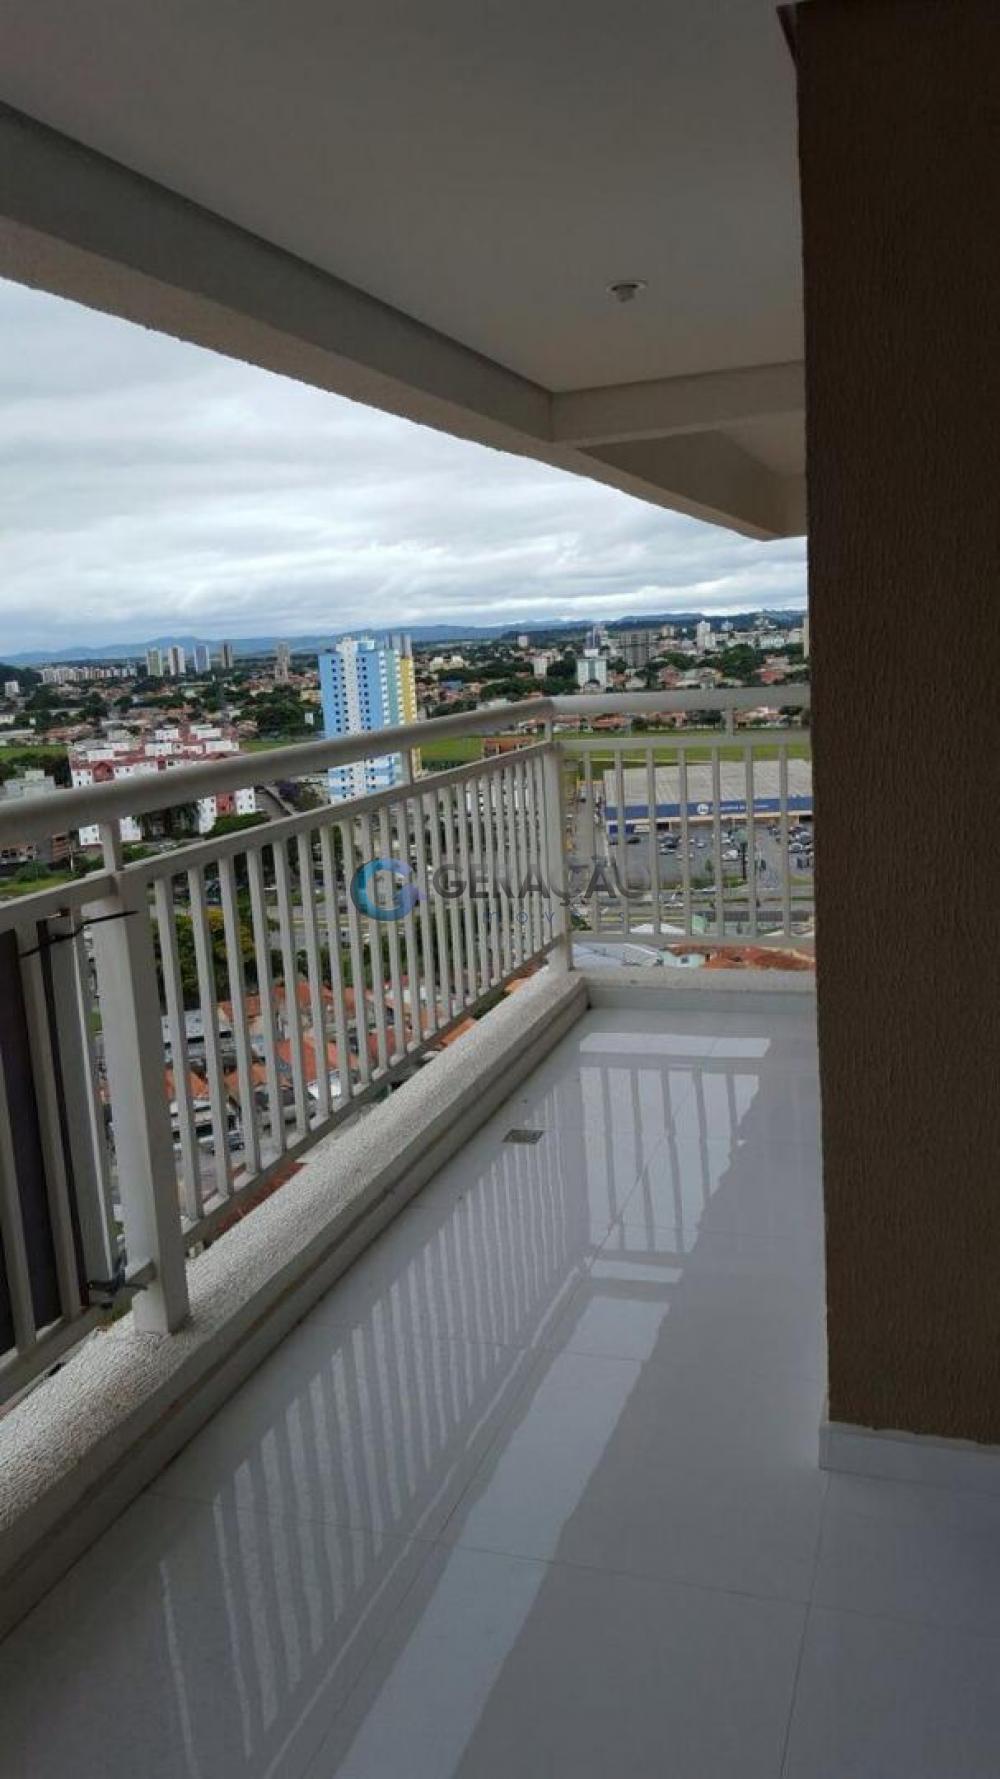 Alugar Apartamento / Padrão em São José dos Campos R$ 2.300,00 - Foto 2